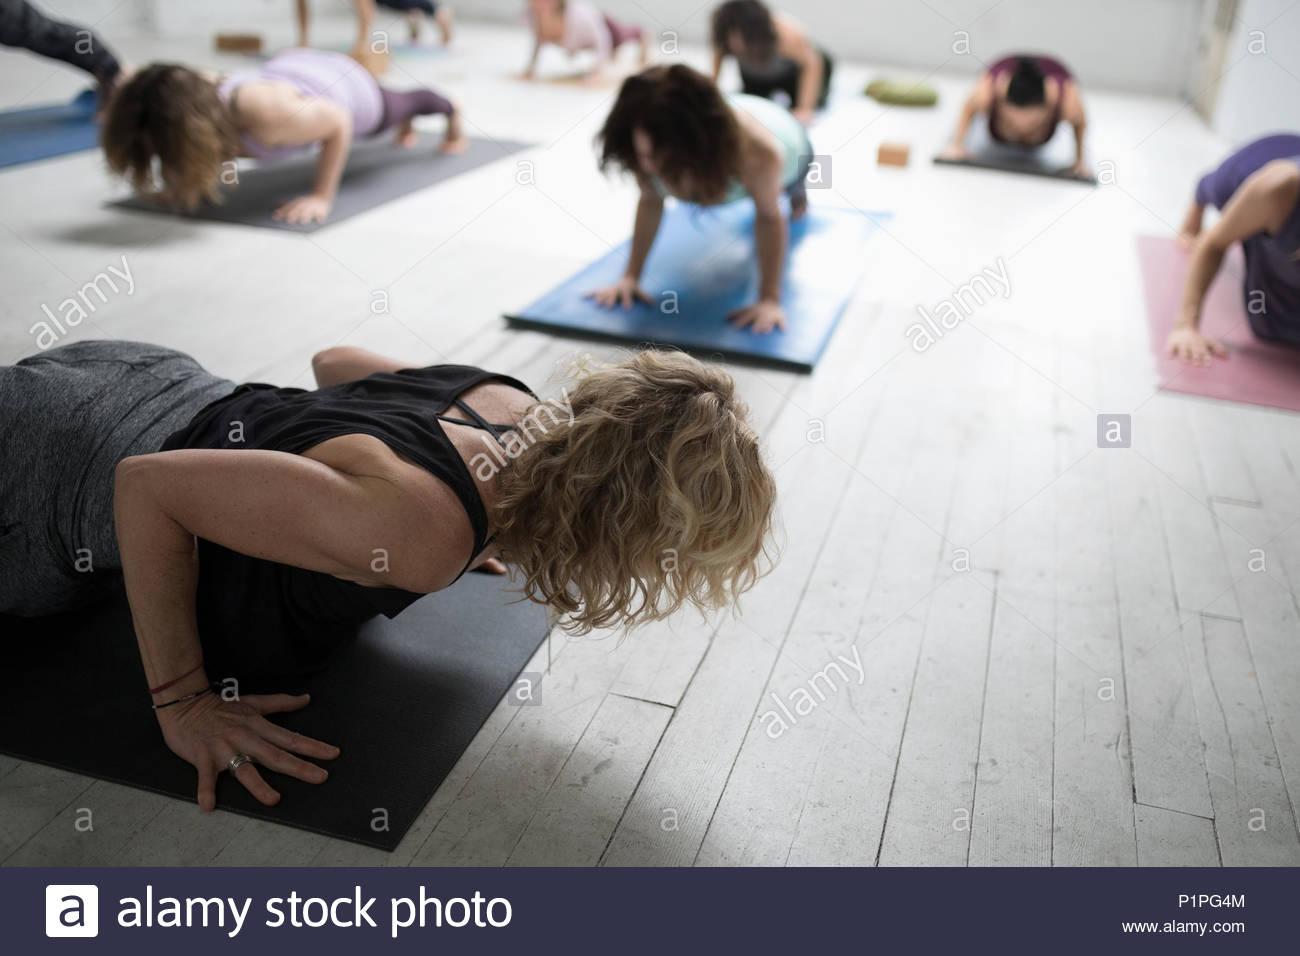 Les femmes pratiquant le yoga planche en yoga class Photo Stock